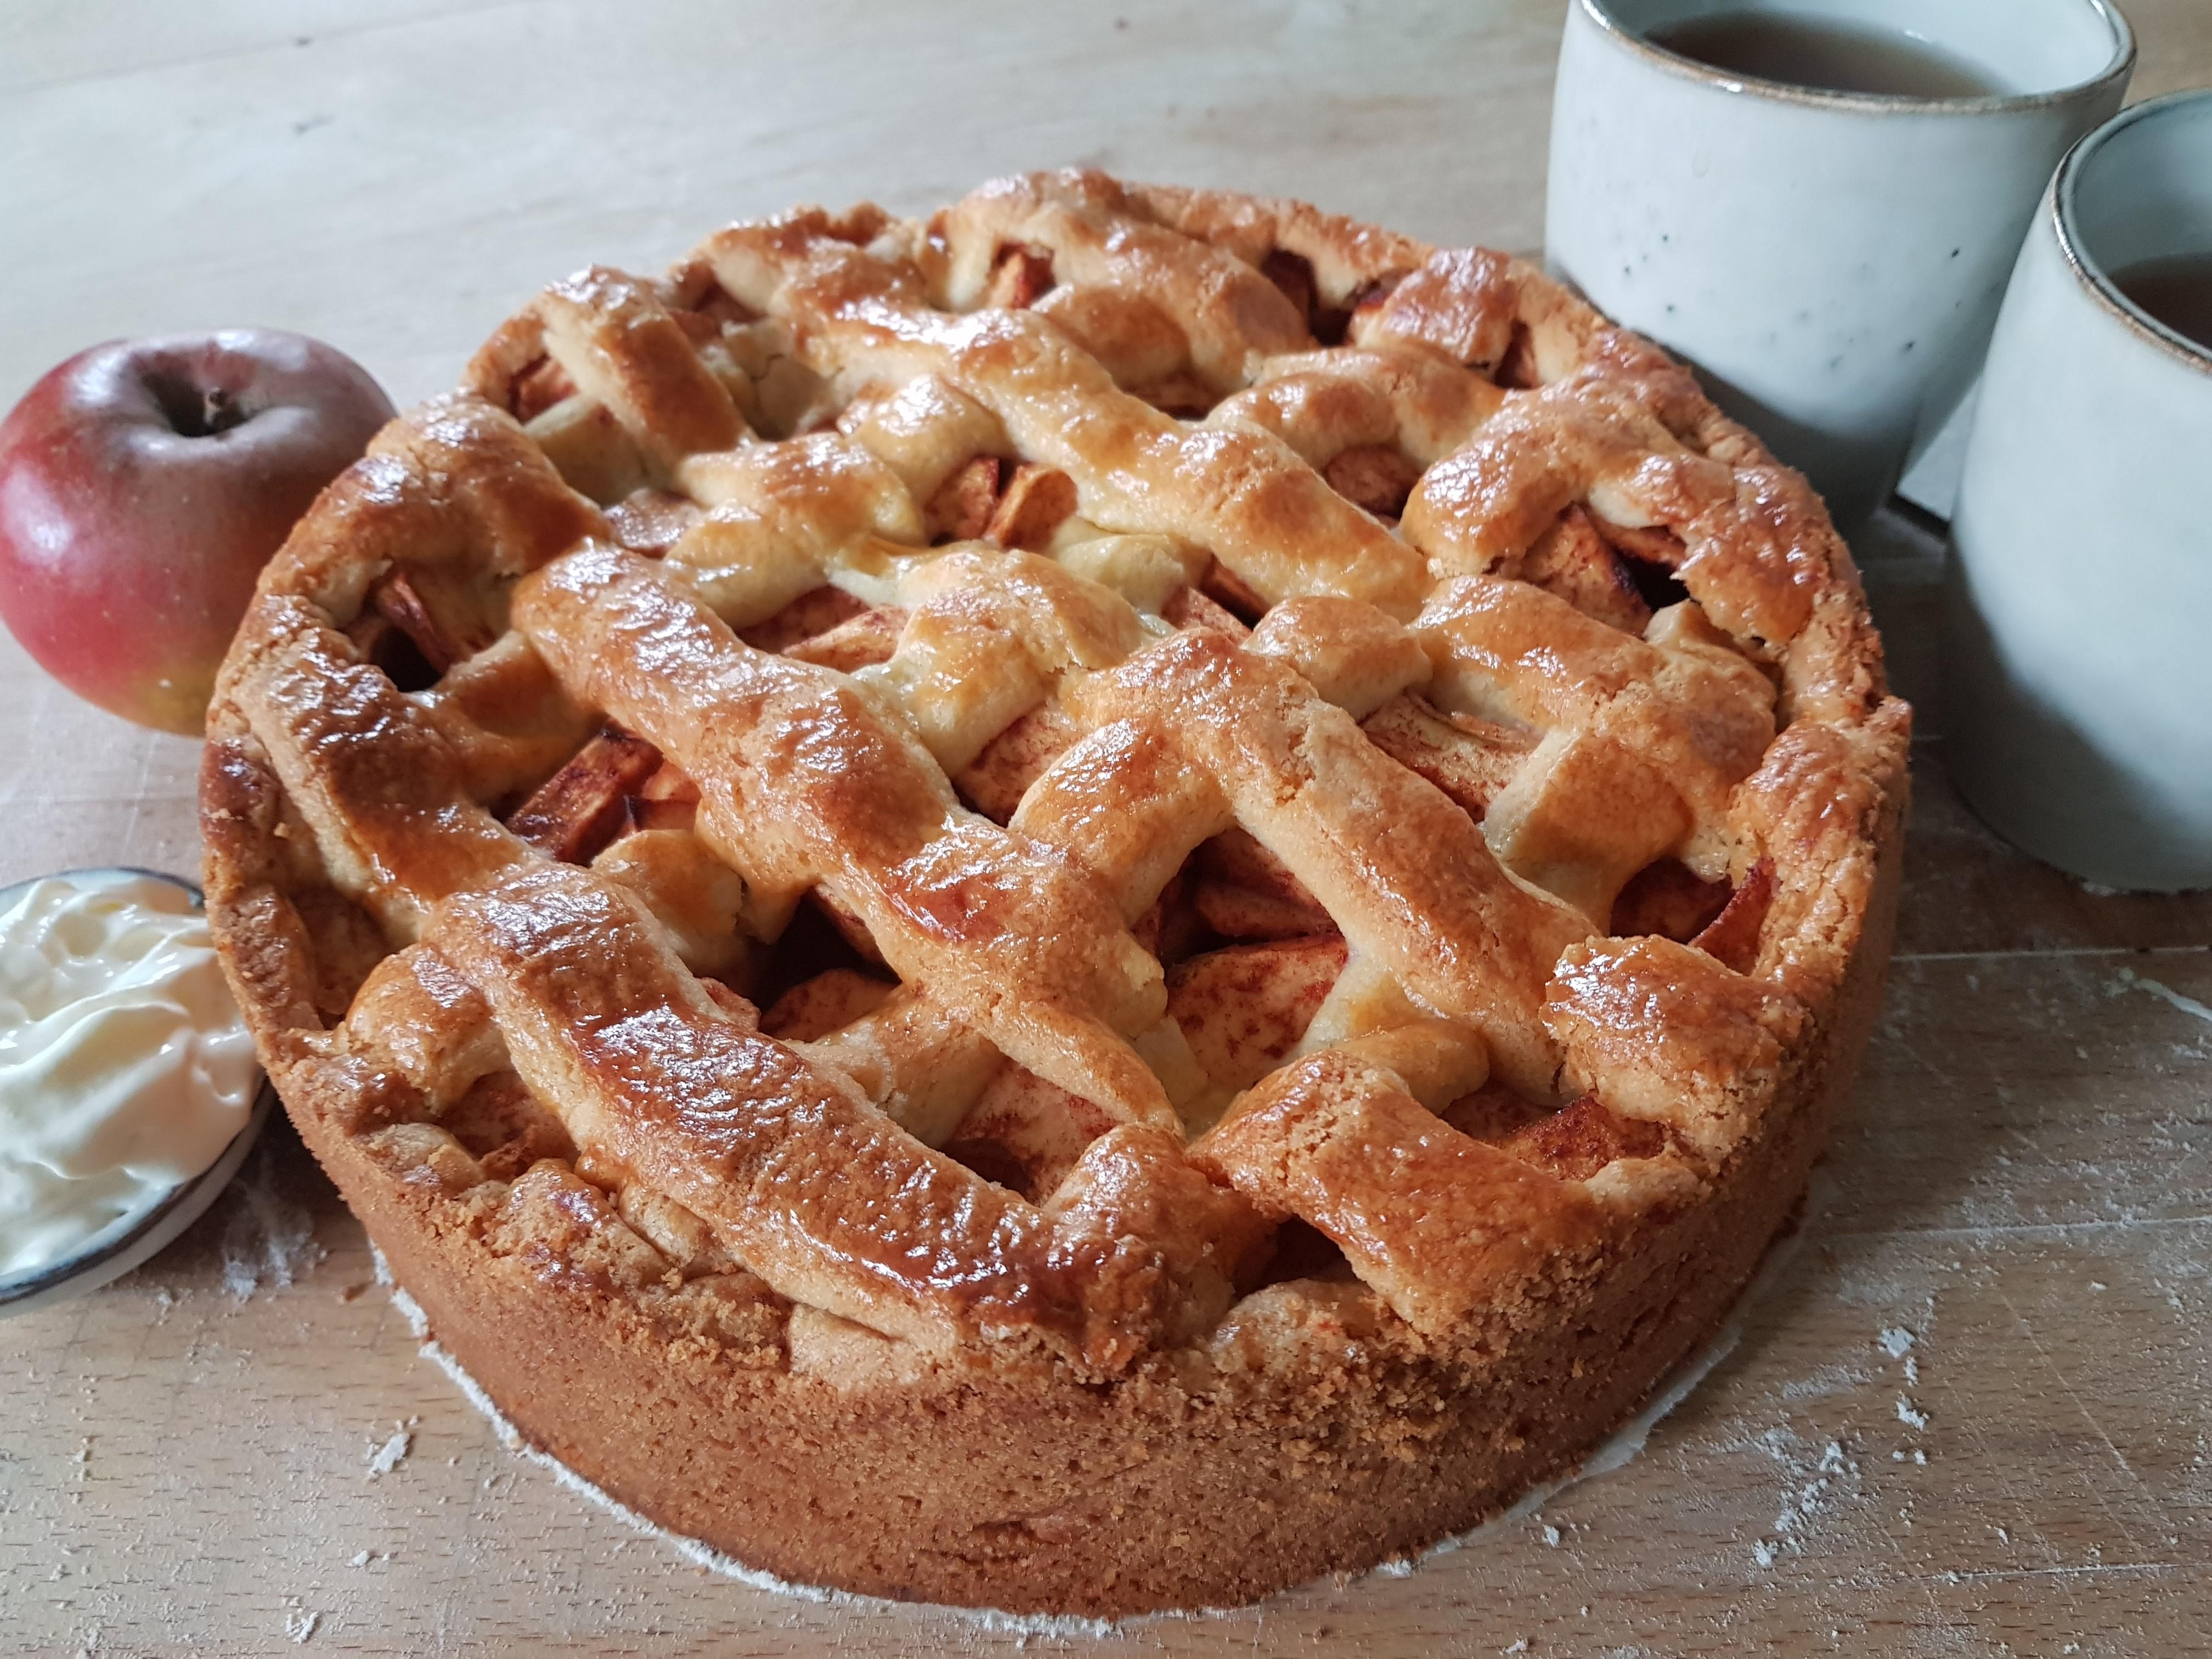 zelfgebakken taart Hét ultieme recept voor heerlijke zelfgebakken hollandse  zelfgebakken taart